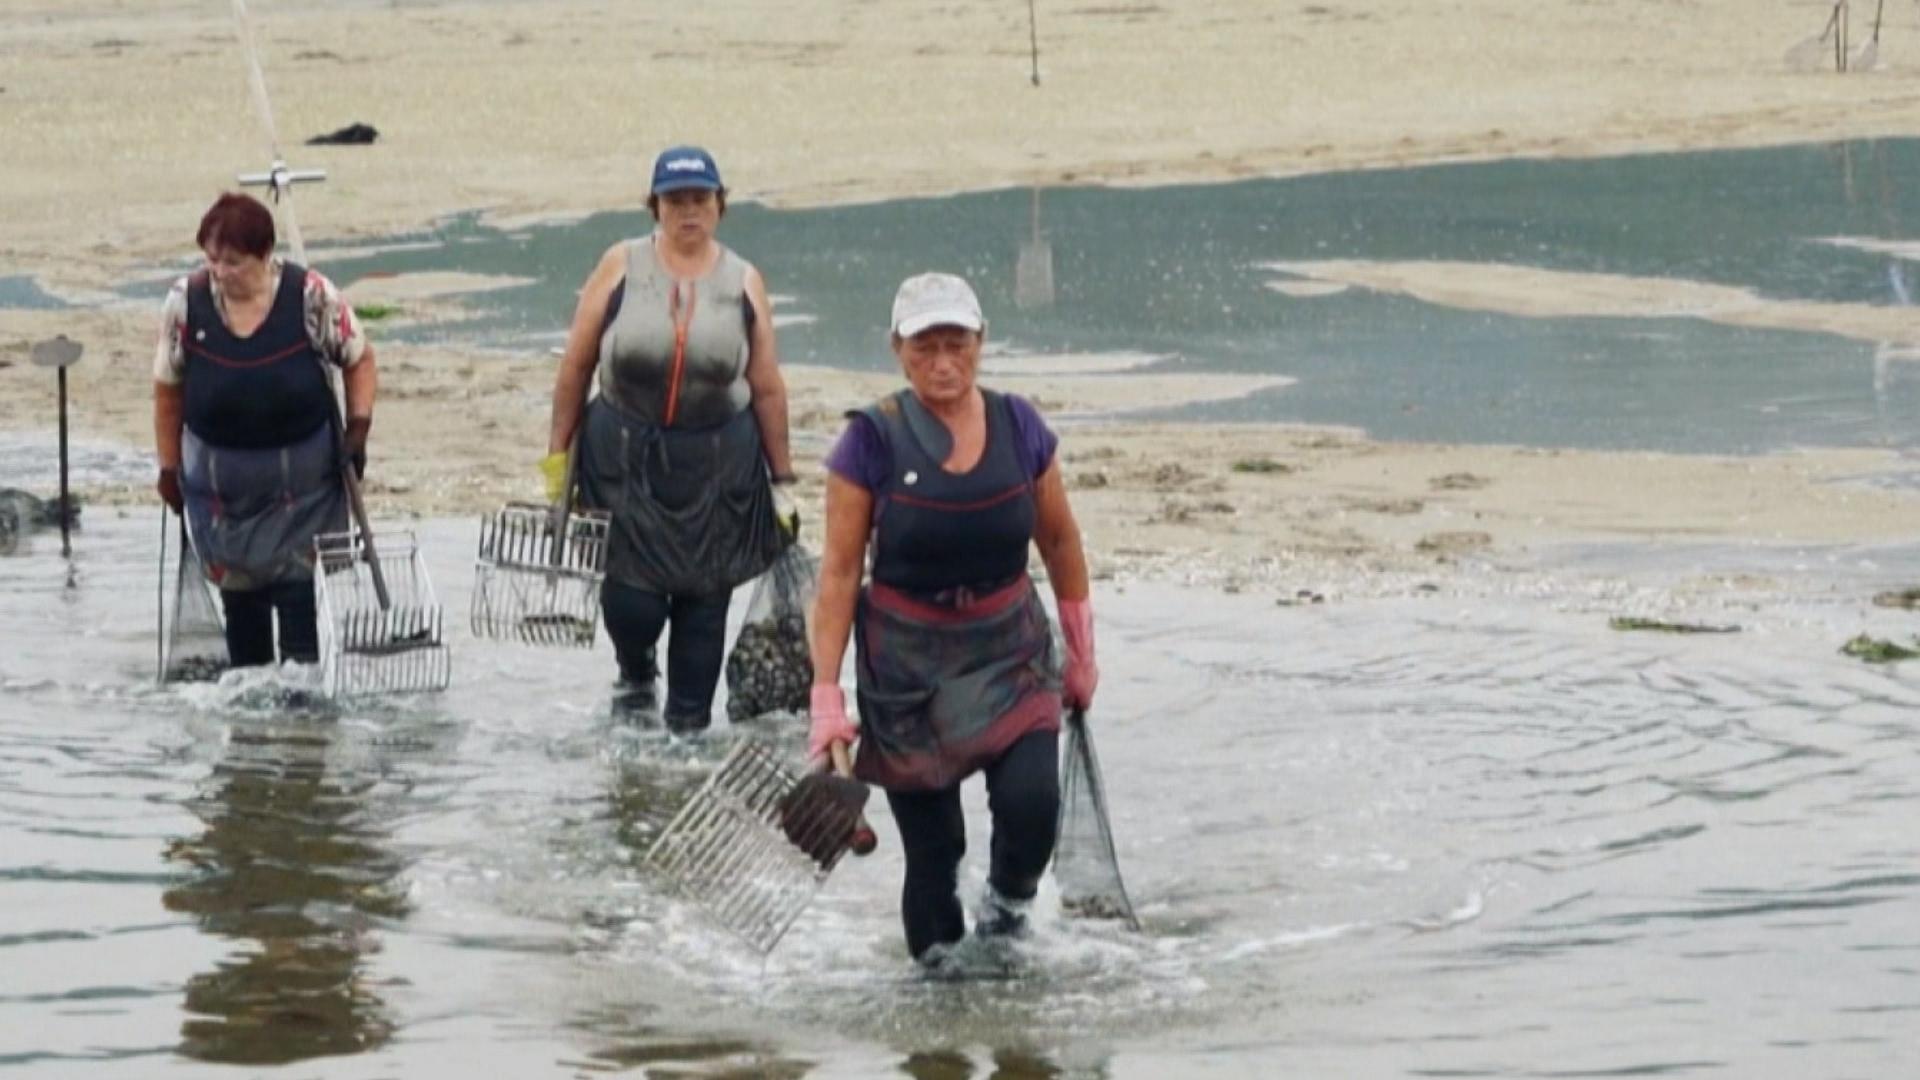 Actuelles - Pêcheuses en Galice en quête de reconnaissance